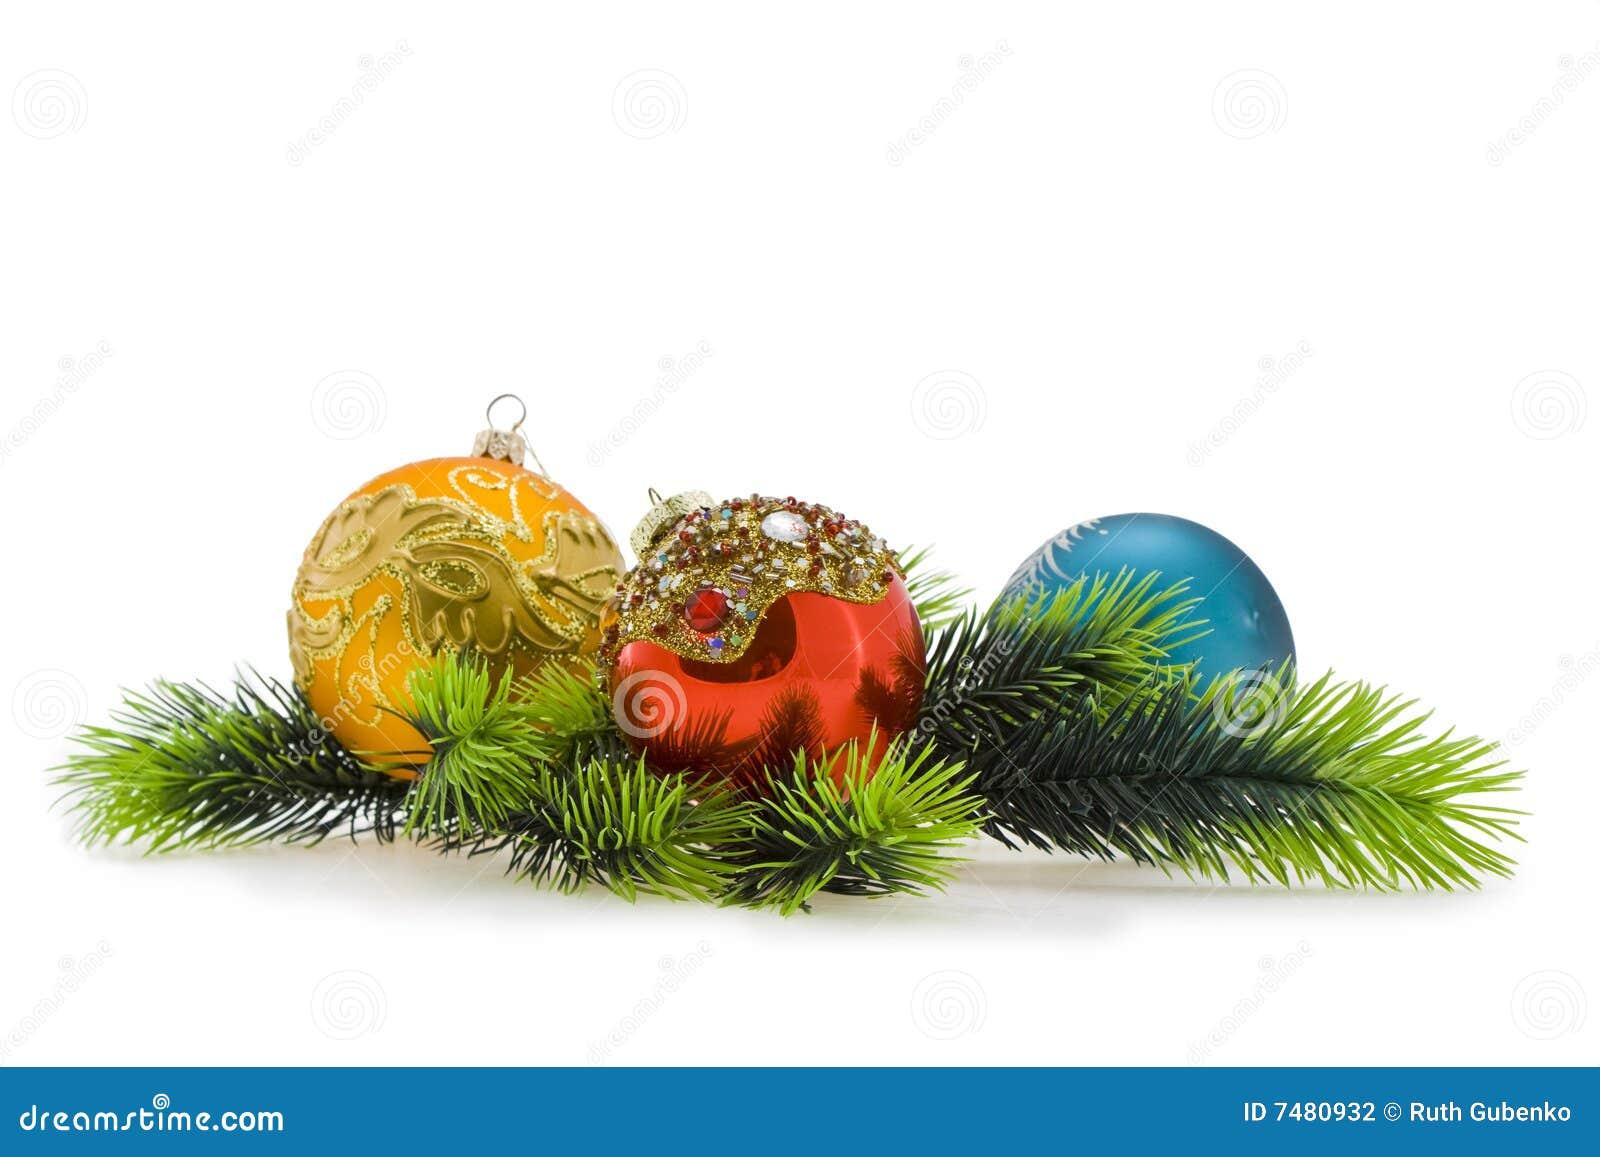 Citaten Kerstmis Nieuwjaar : De boomballen van het jaar kerstmis nieuwjaar stock